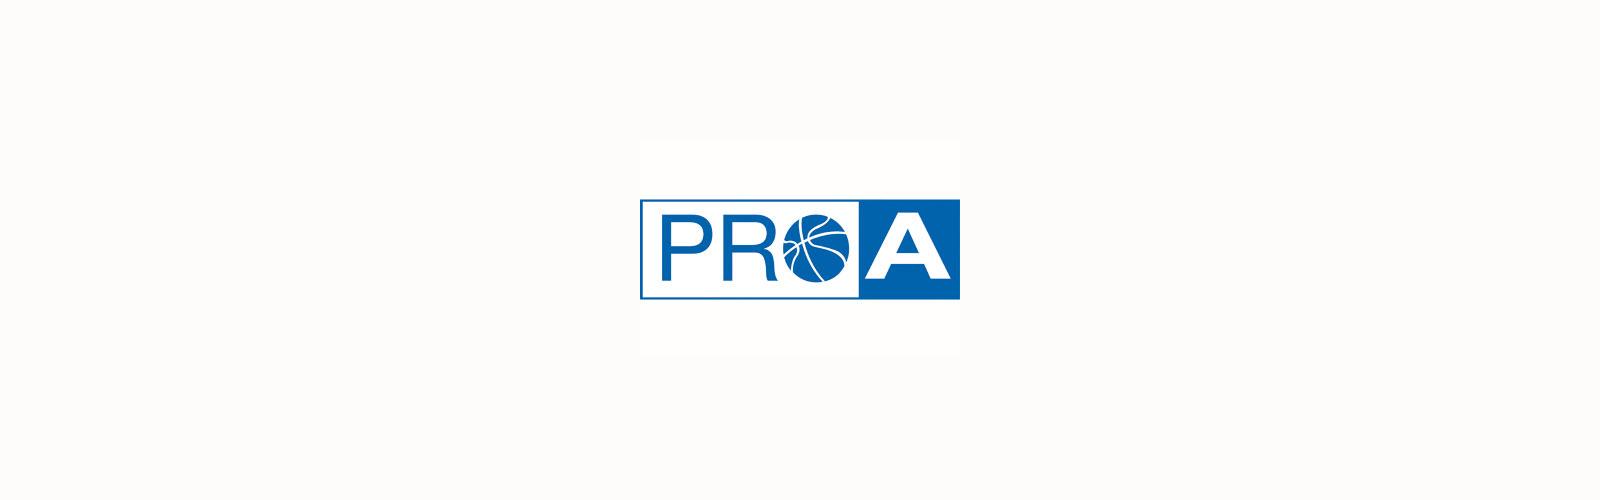 pro-a-basket